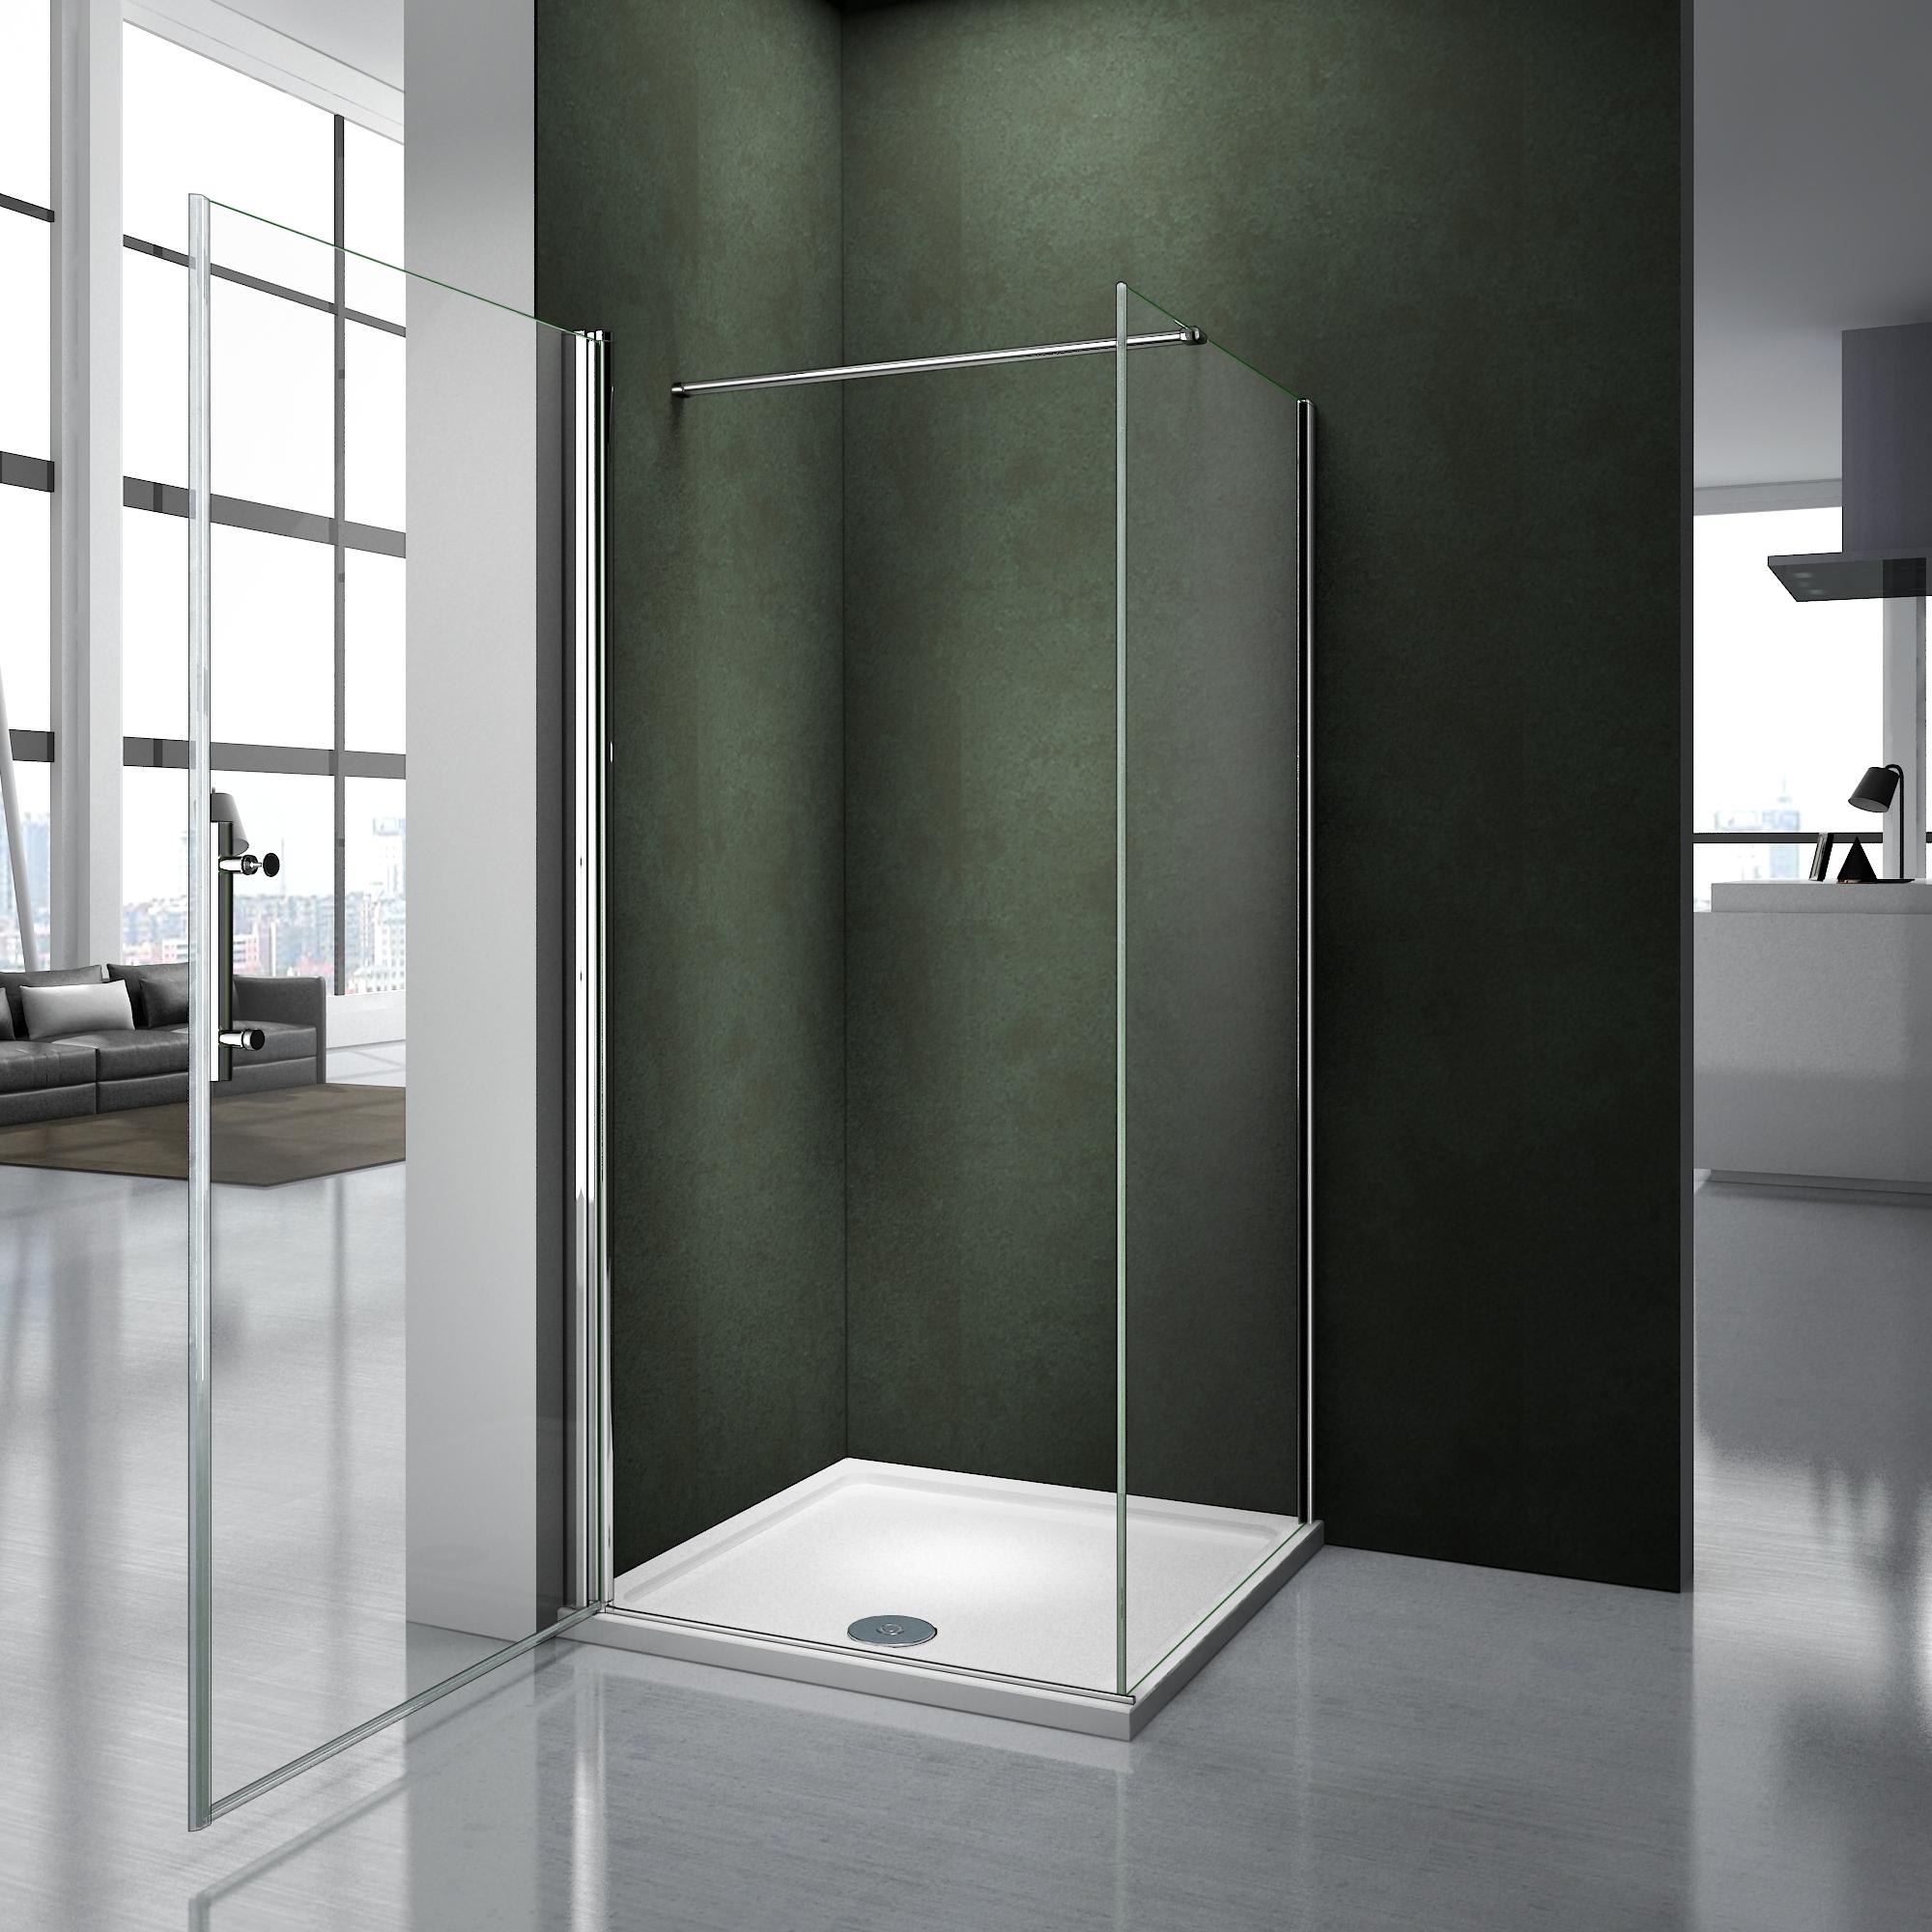 100x90x195cm porte pivotante avec receveur porte de douche paroi de douche ave ebay. Black Bedroom Furniture Sets. Home Design Ideas